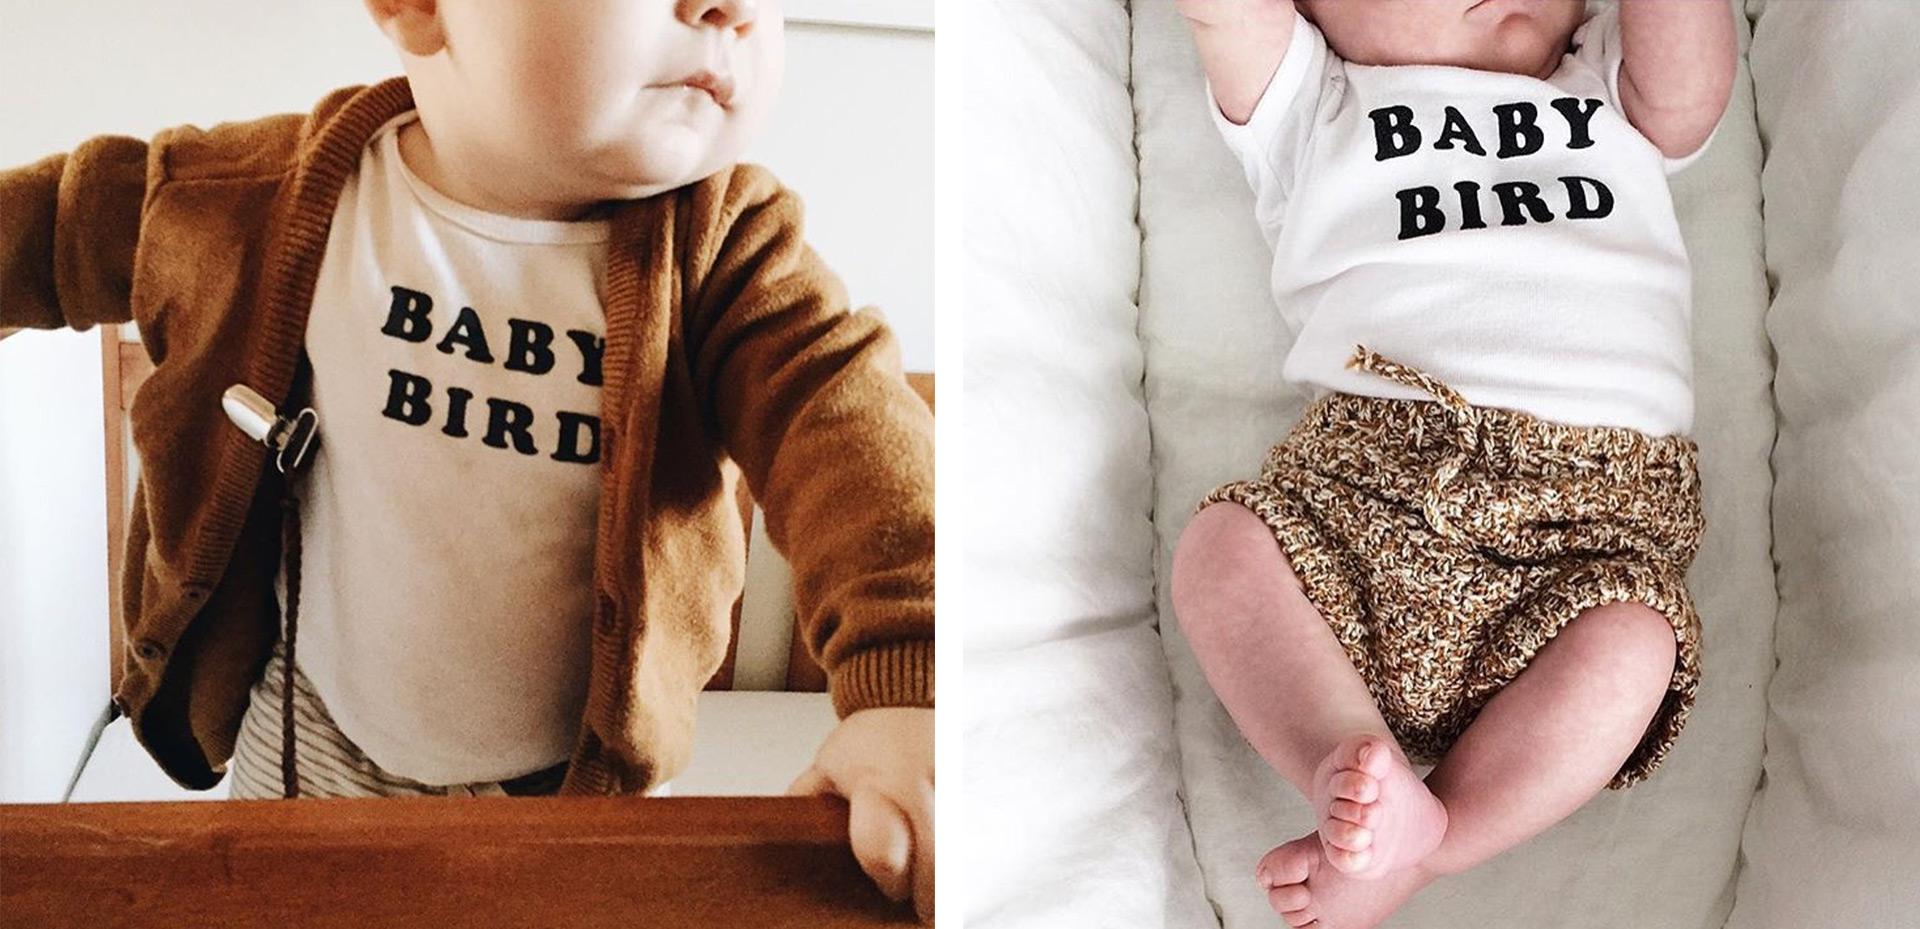 dp-blog-interview-thefoxandthebee-baby-bird